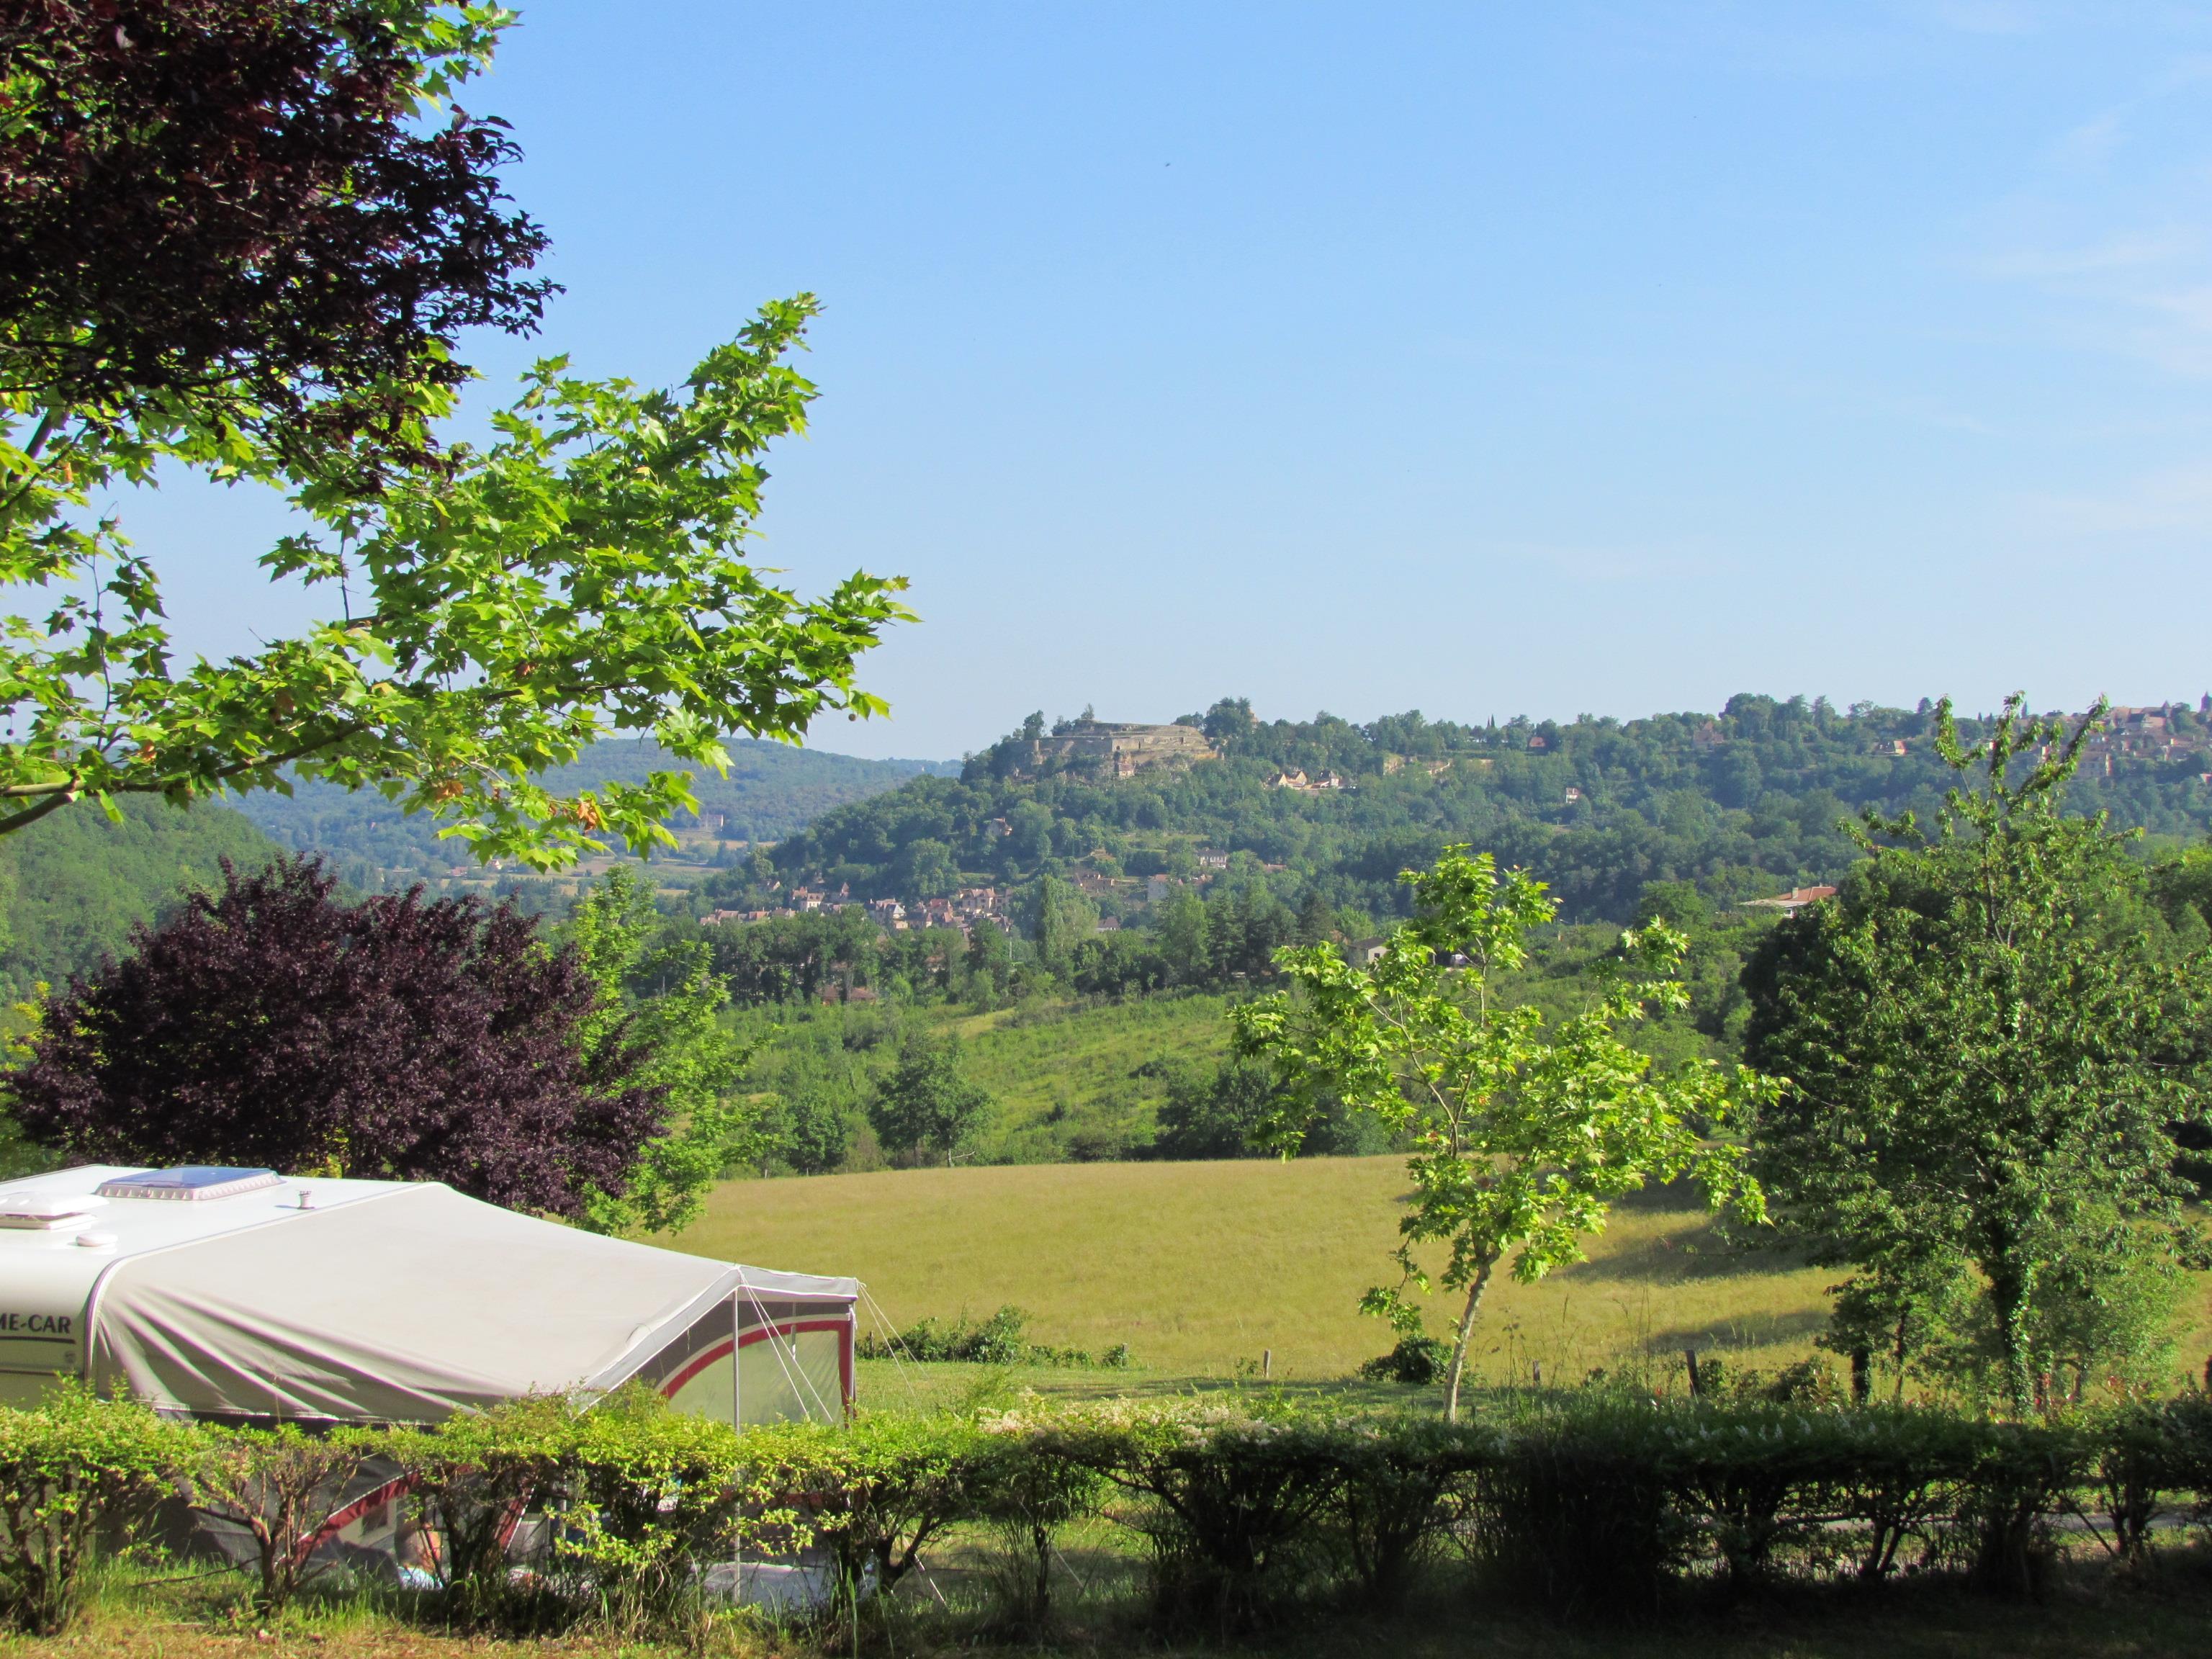 Camping le Pech de Caumont, Cenac-et-Saint-Julien, Dordogne